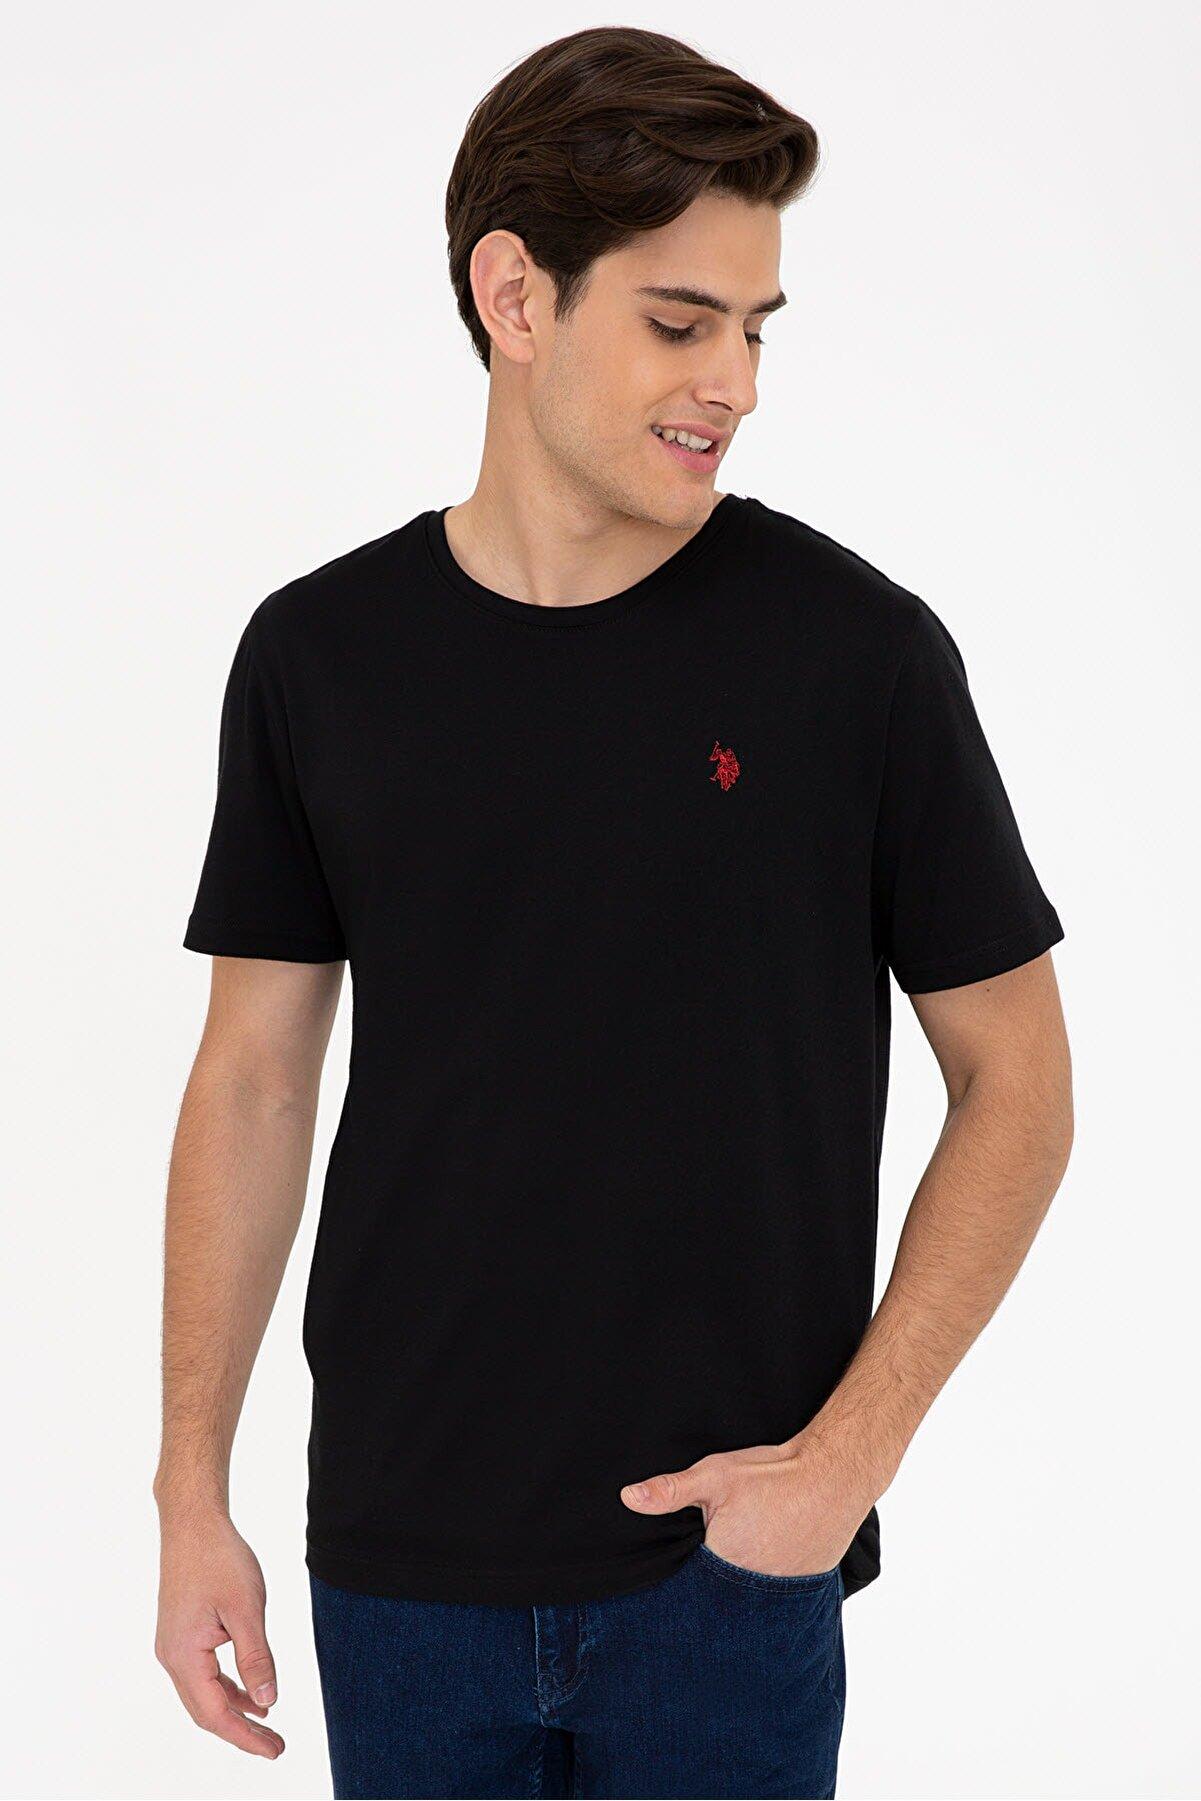 US Polo Assn Erkek T-Shirt